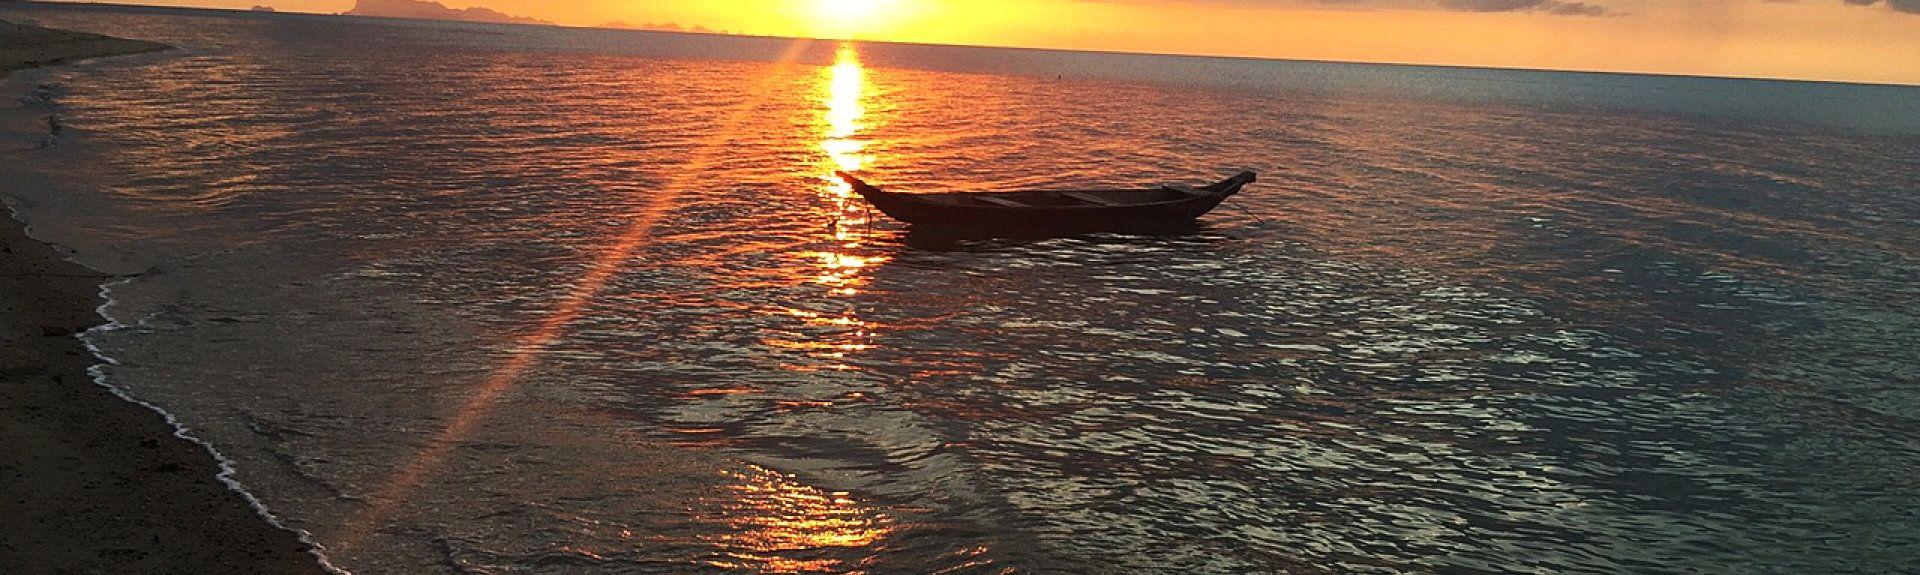 Silver Beach, Koh Samui, Thailand